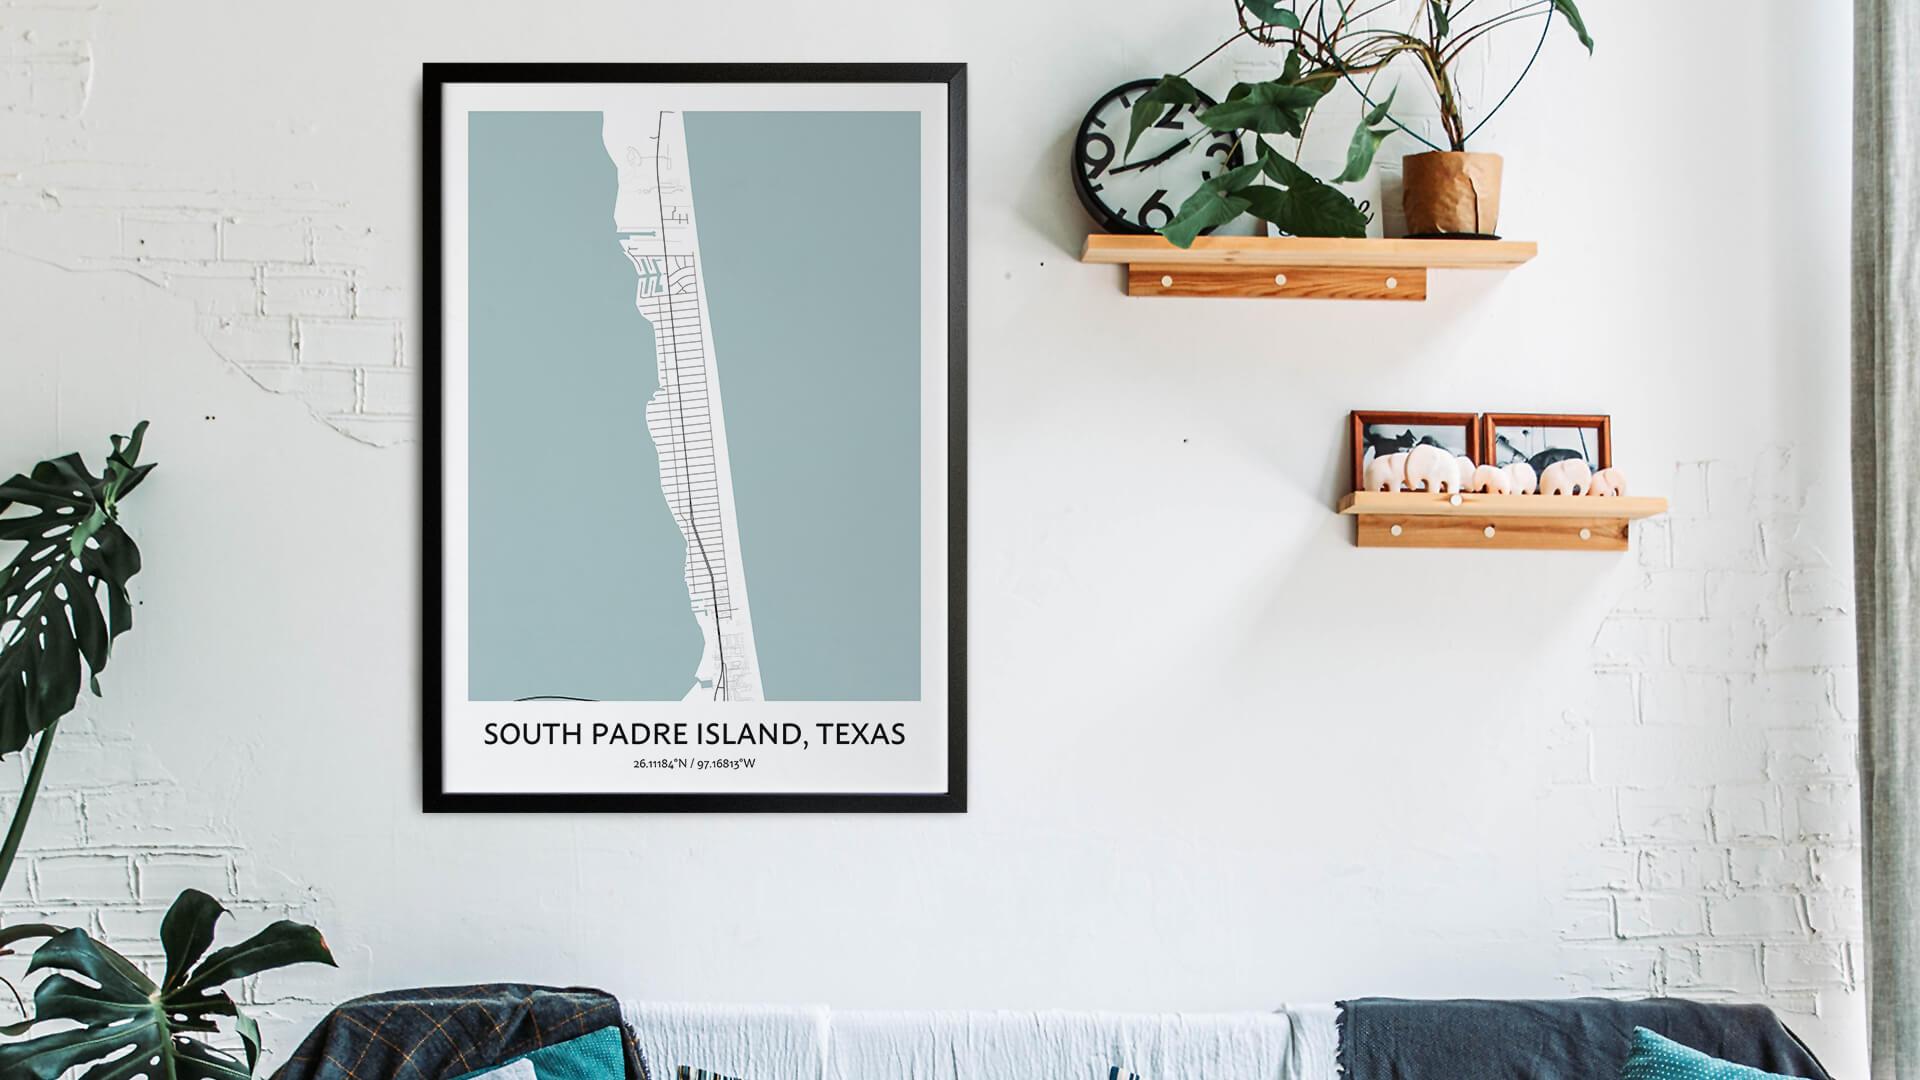 South Padre Island map art